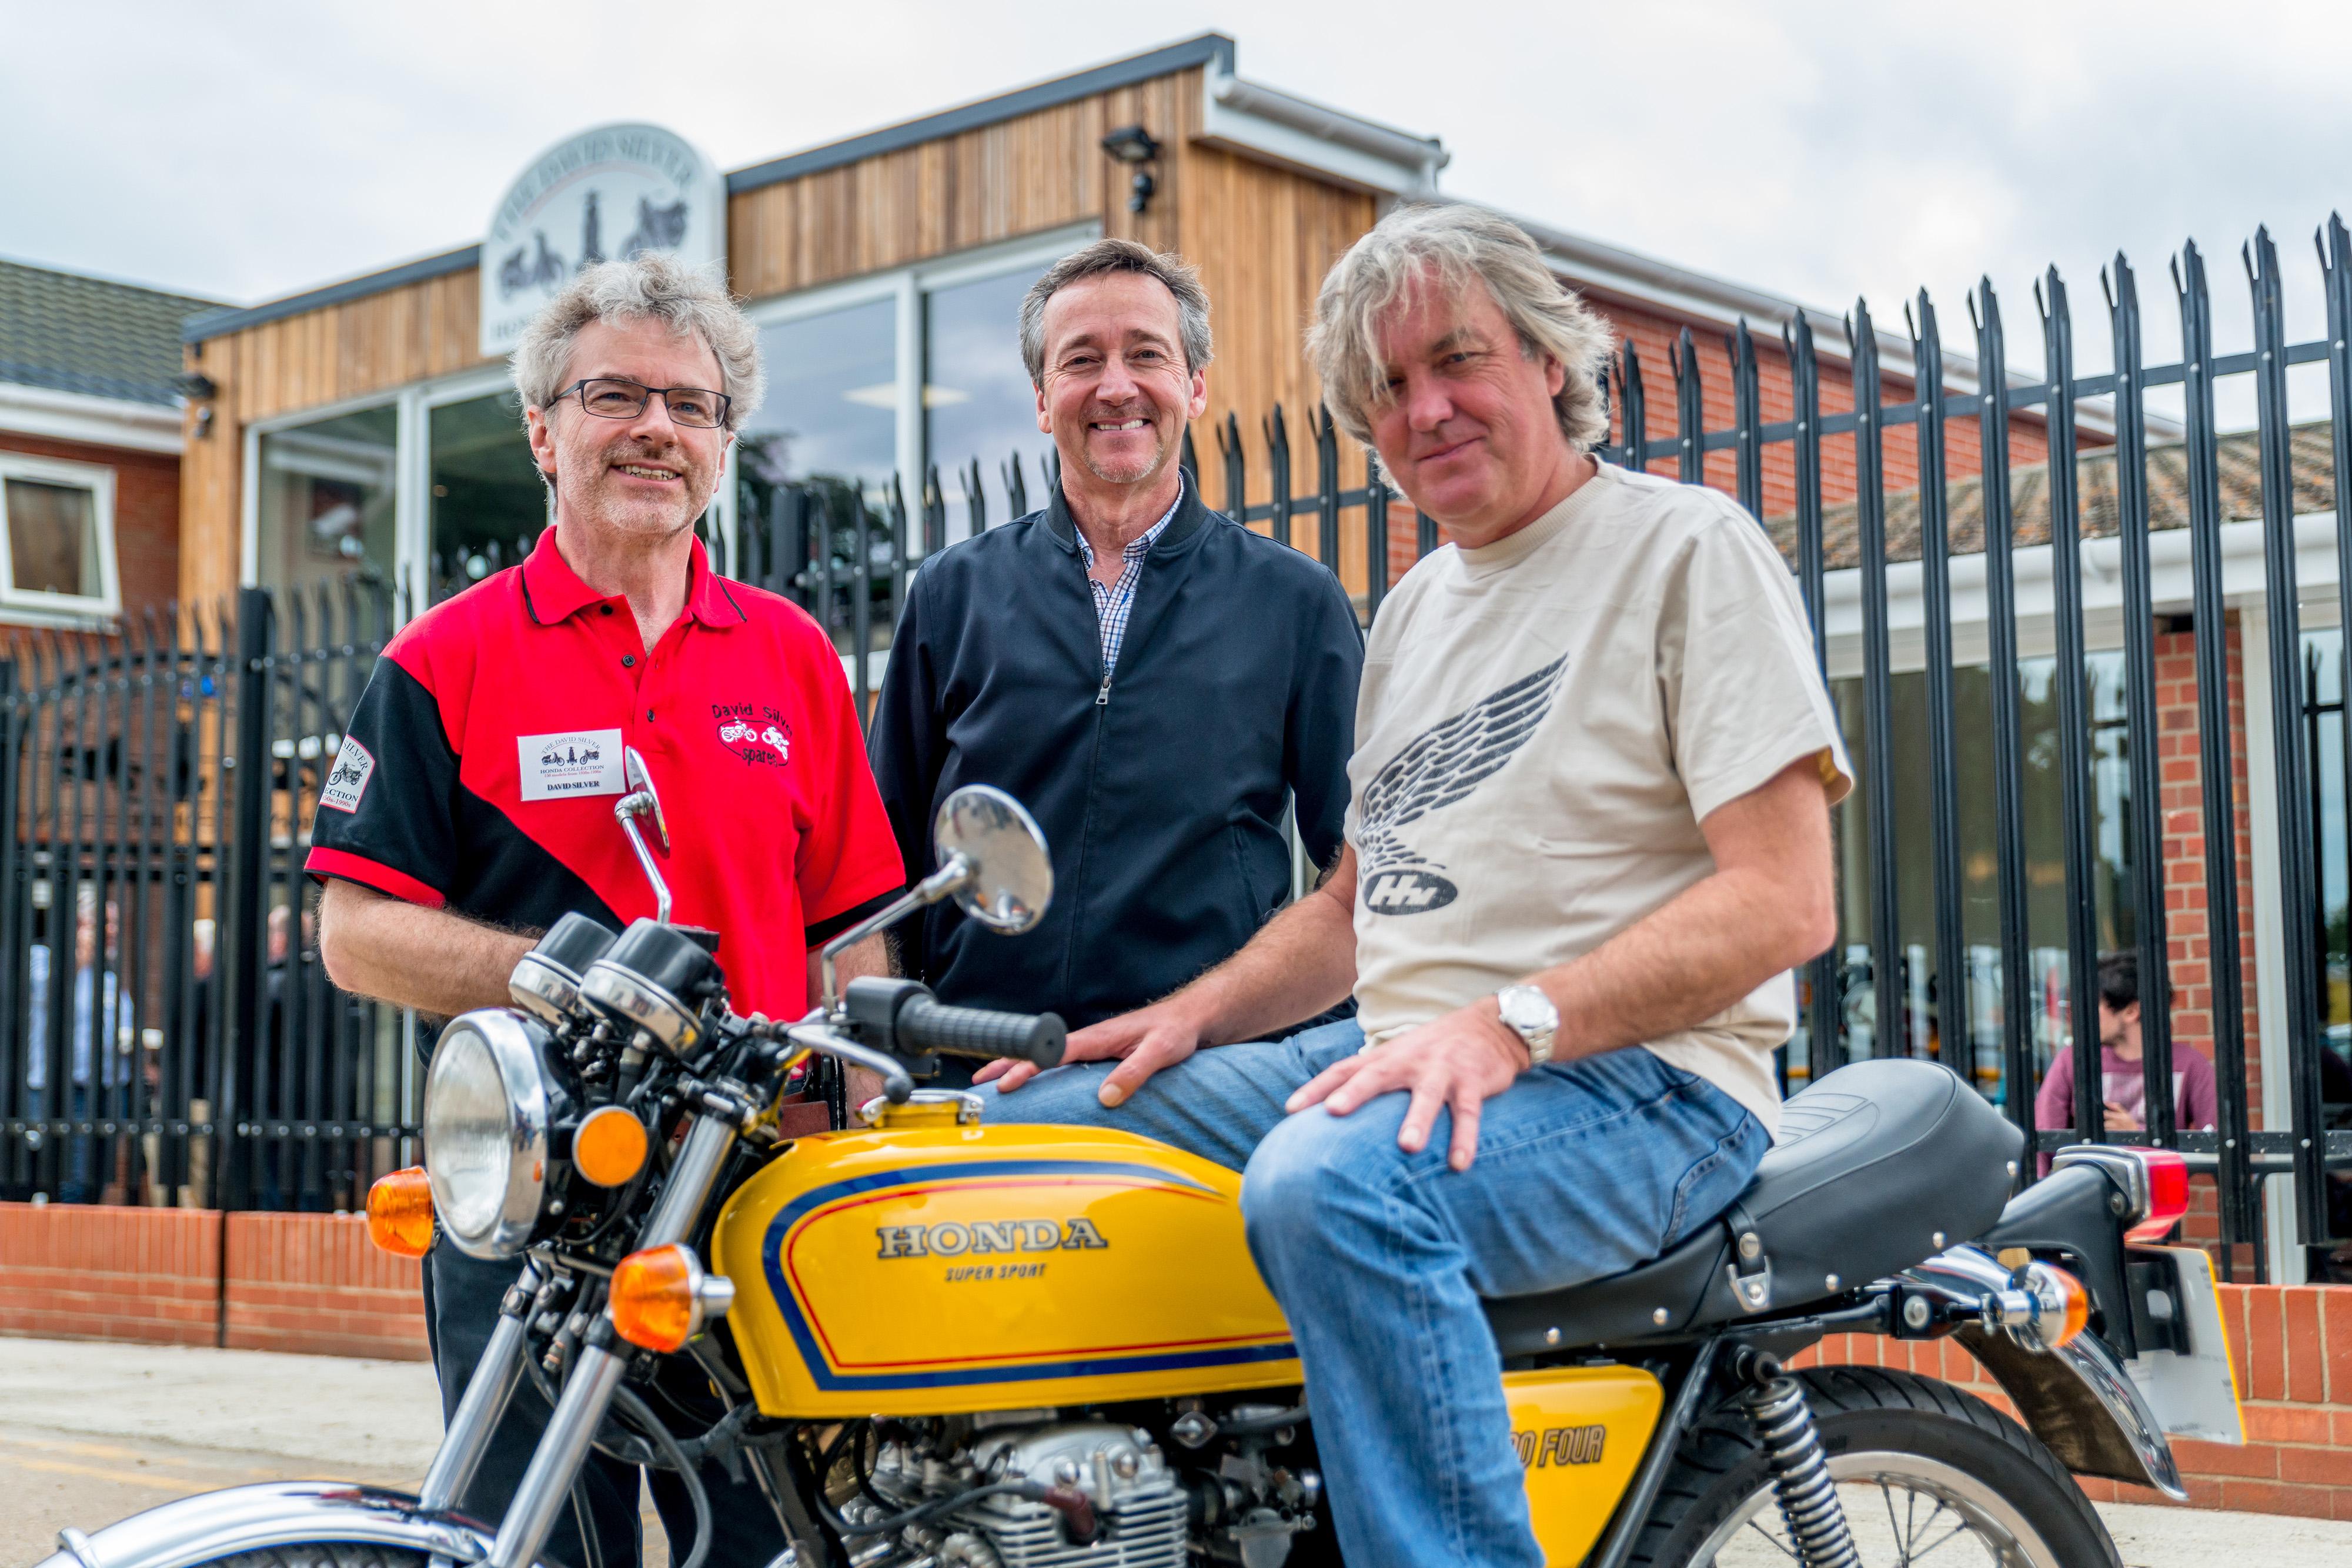 James may motorcycle